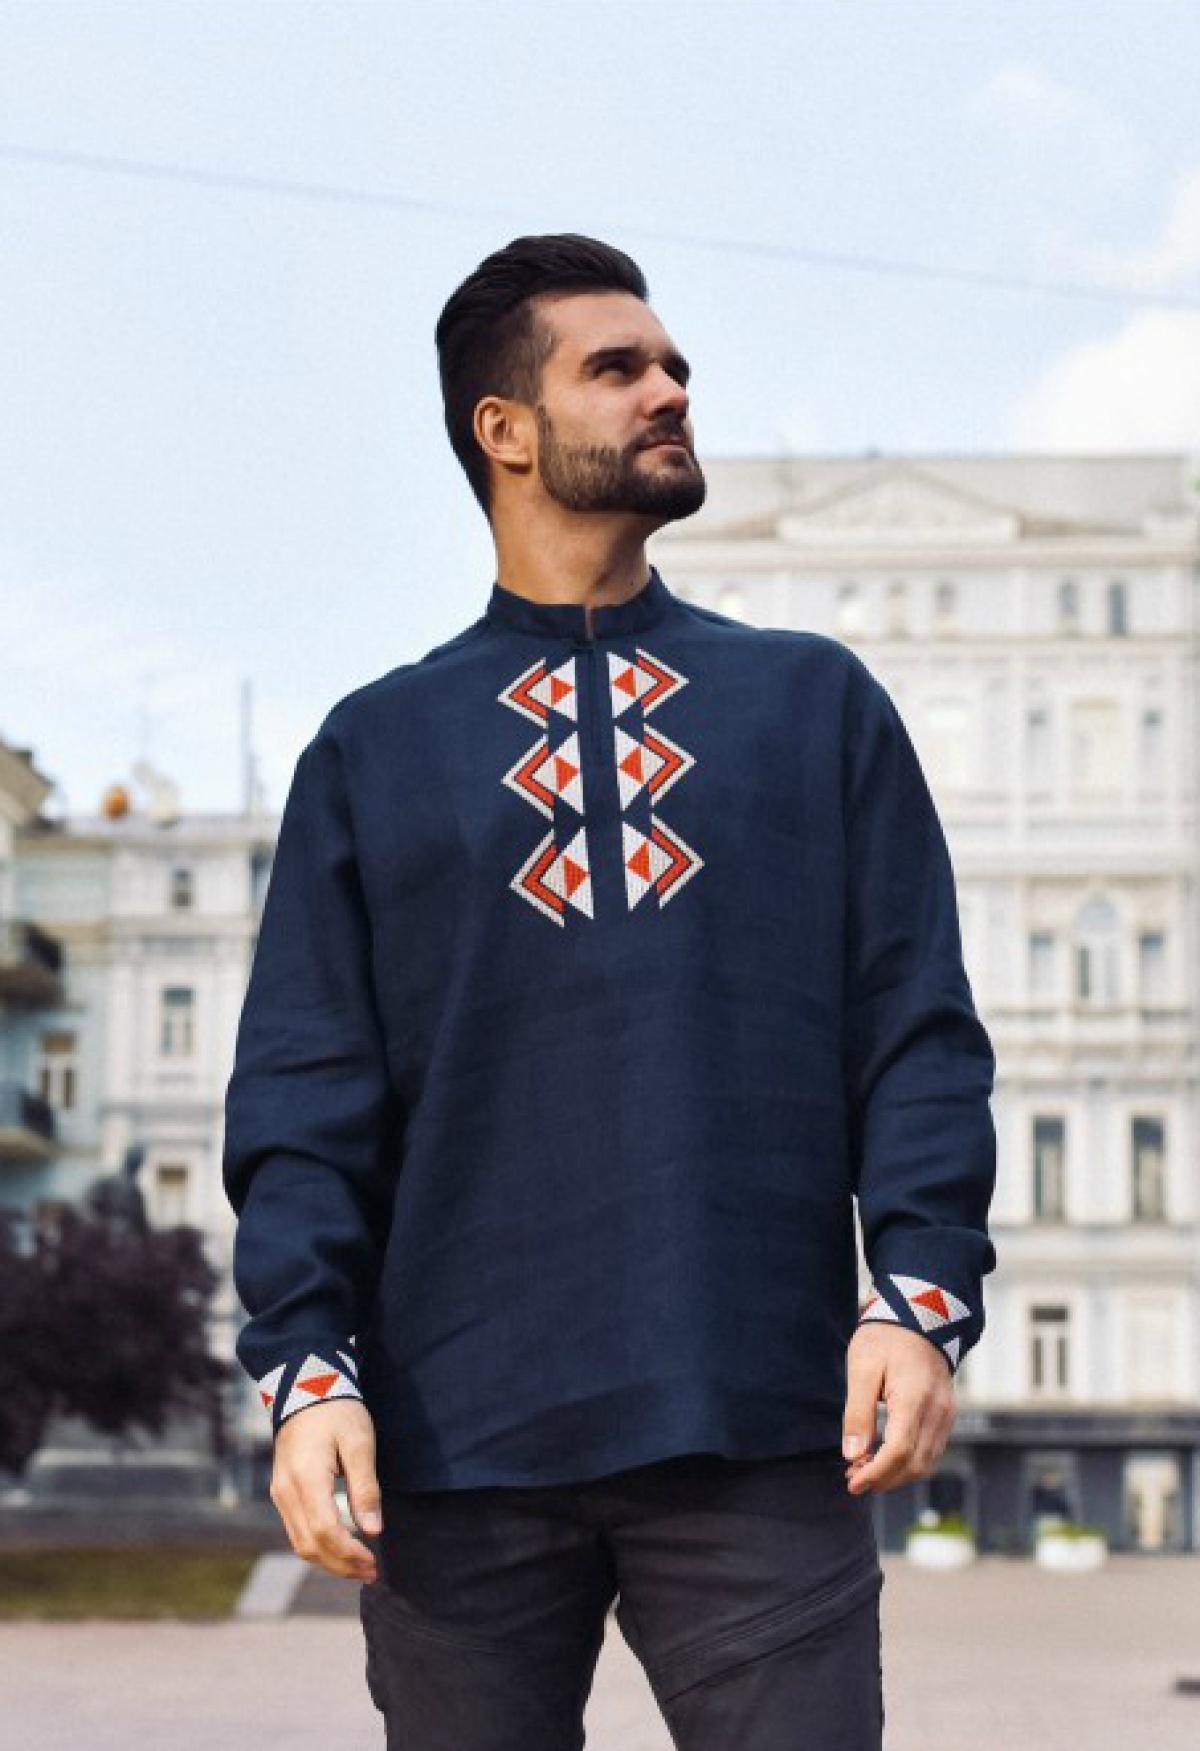 Темно-синяя дизайнерская мужская вышиванка с бело-красной вышивкой